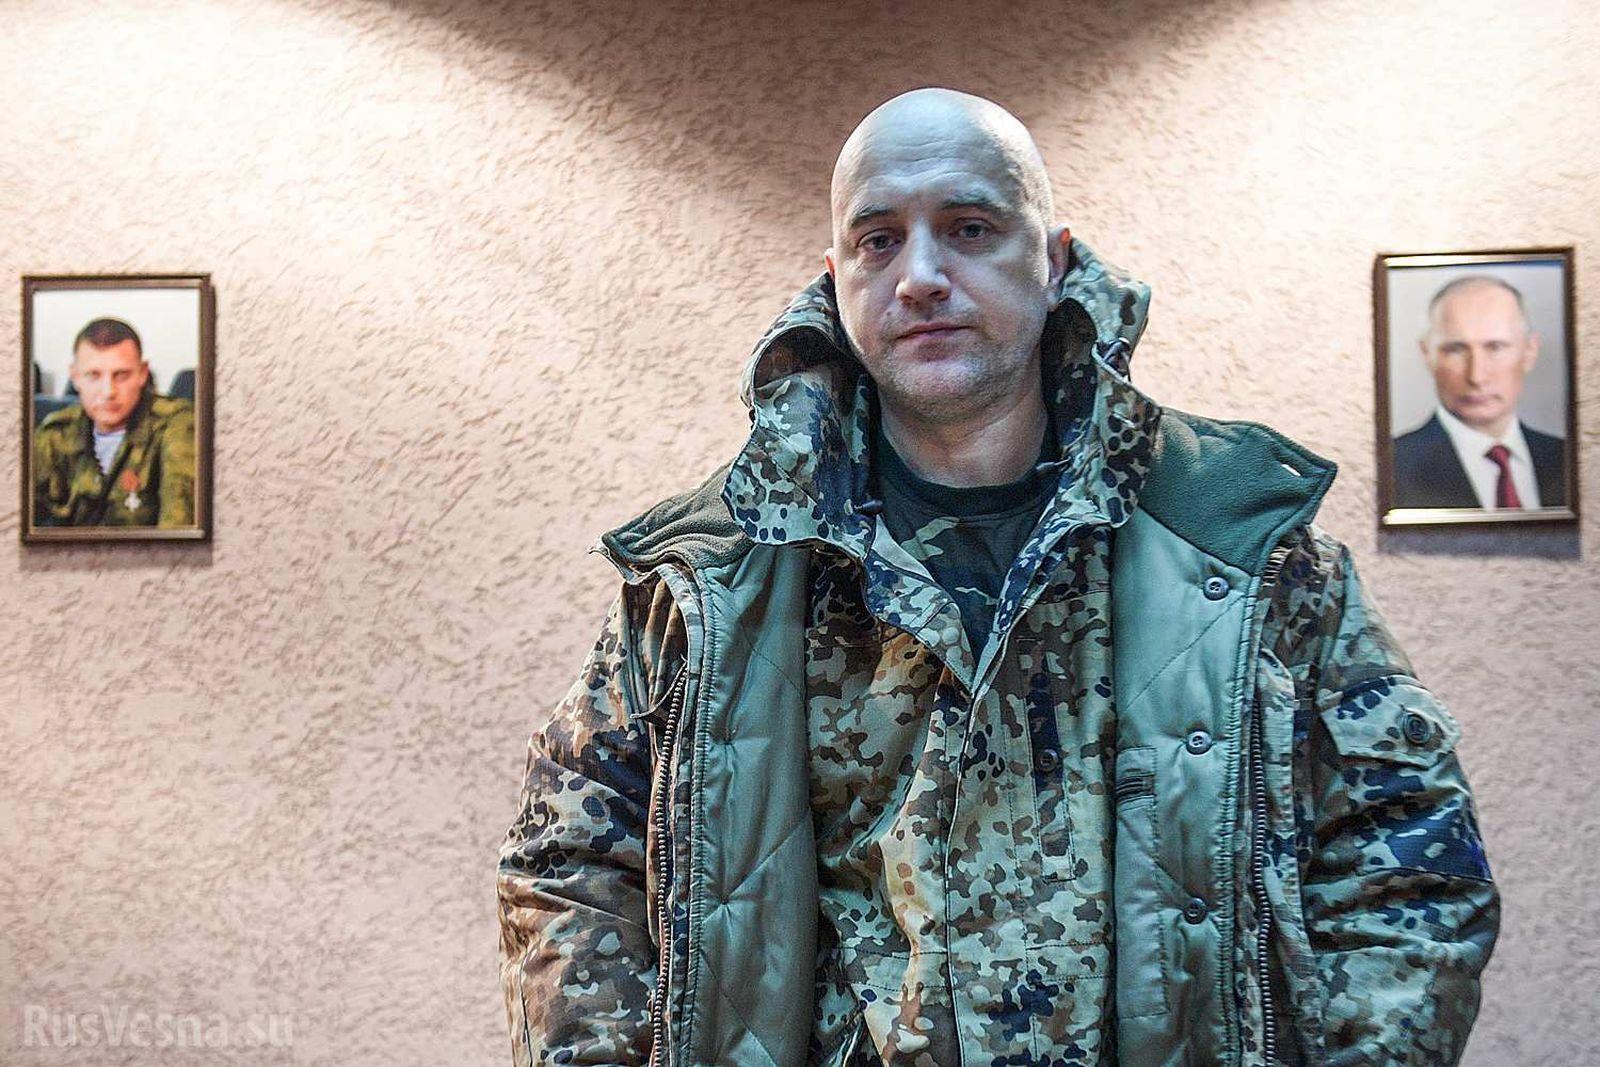 Прилепин сдал мандат в Госдуму и начинает подготовку к выборам президента РФ - источник